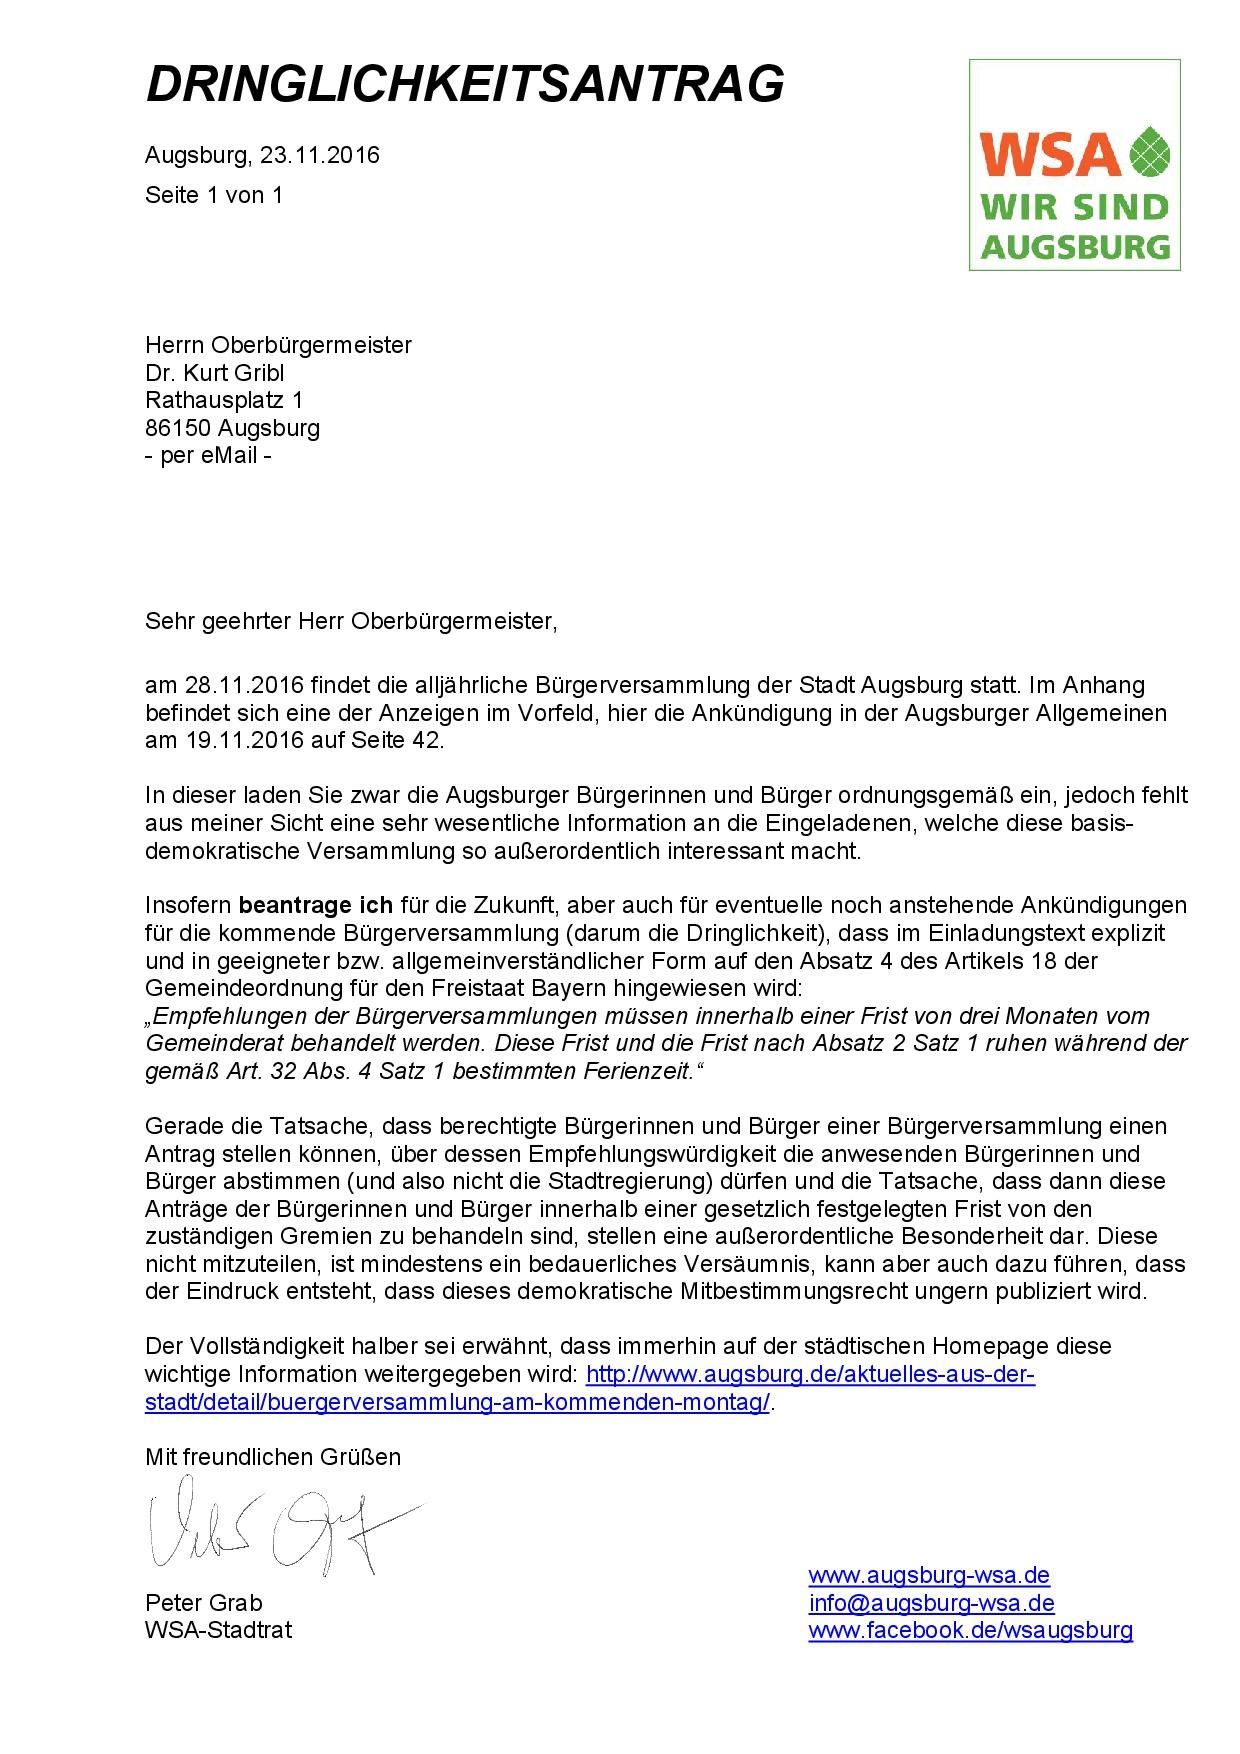 WSA-Dringlichkeitsantrag vom 23.11.2016 zur kommenden Bürgerversammlung und zu künftigen Bürgerversammlungen-001